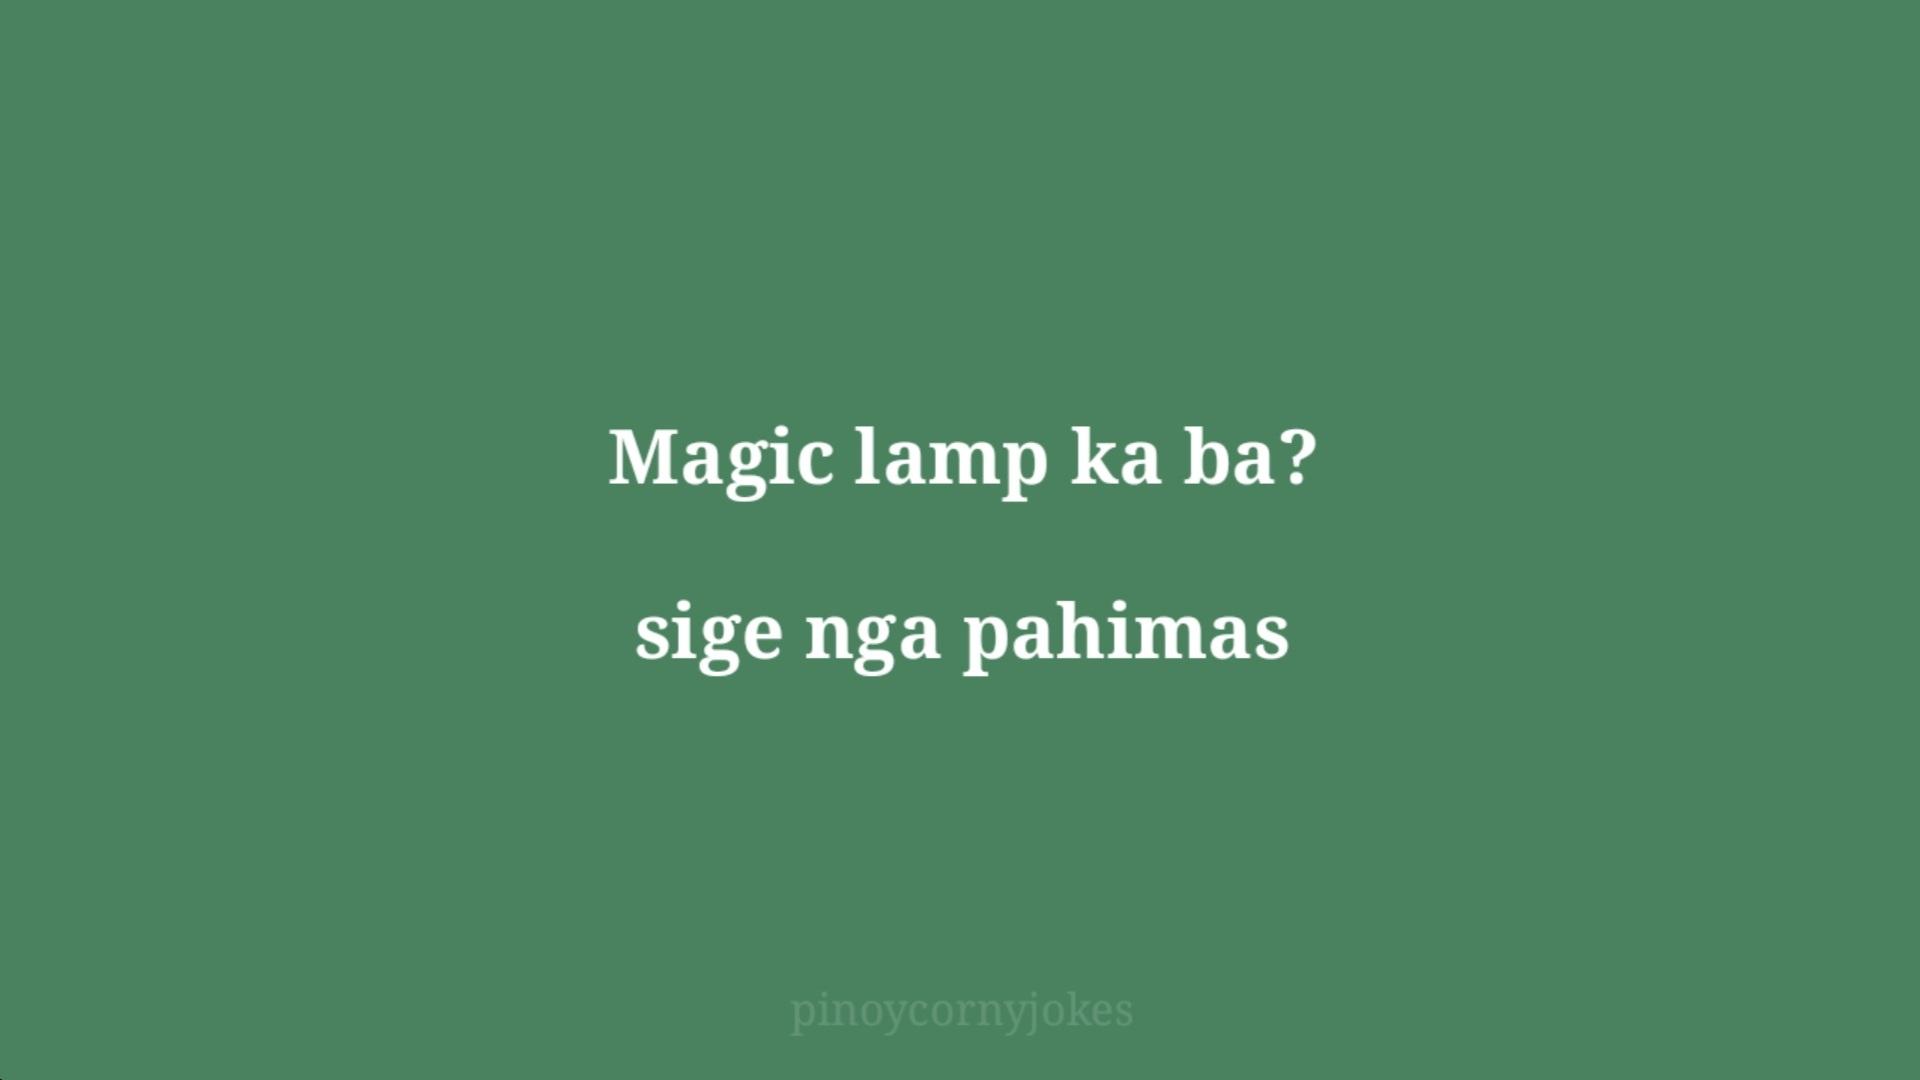 magic lamp green jokes pinoy